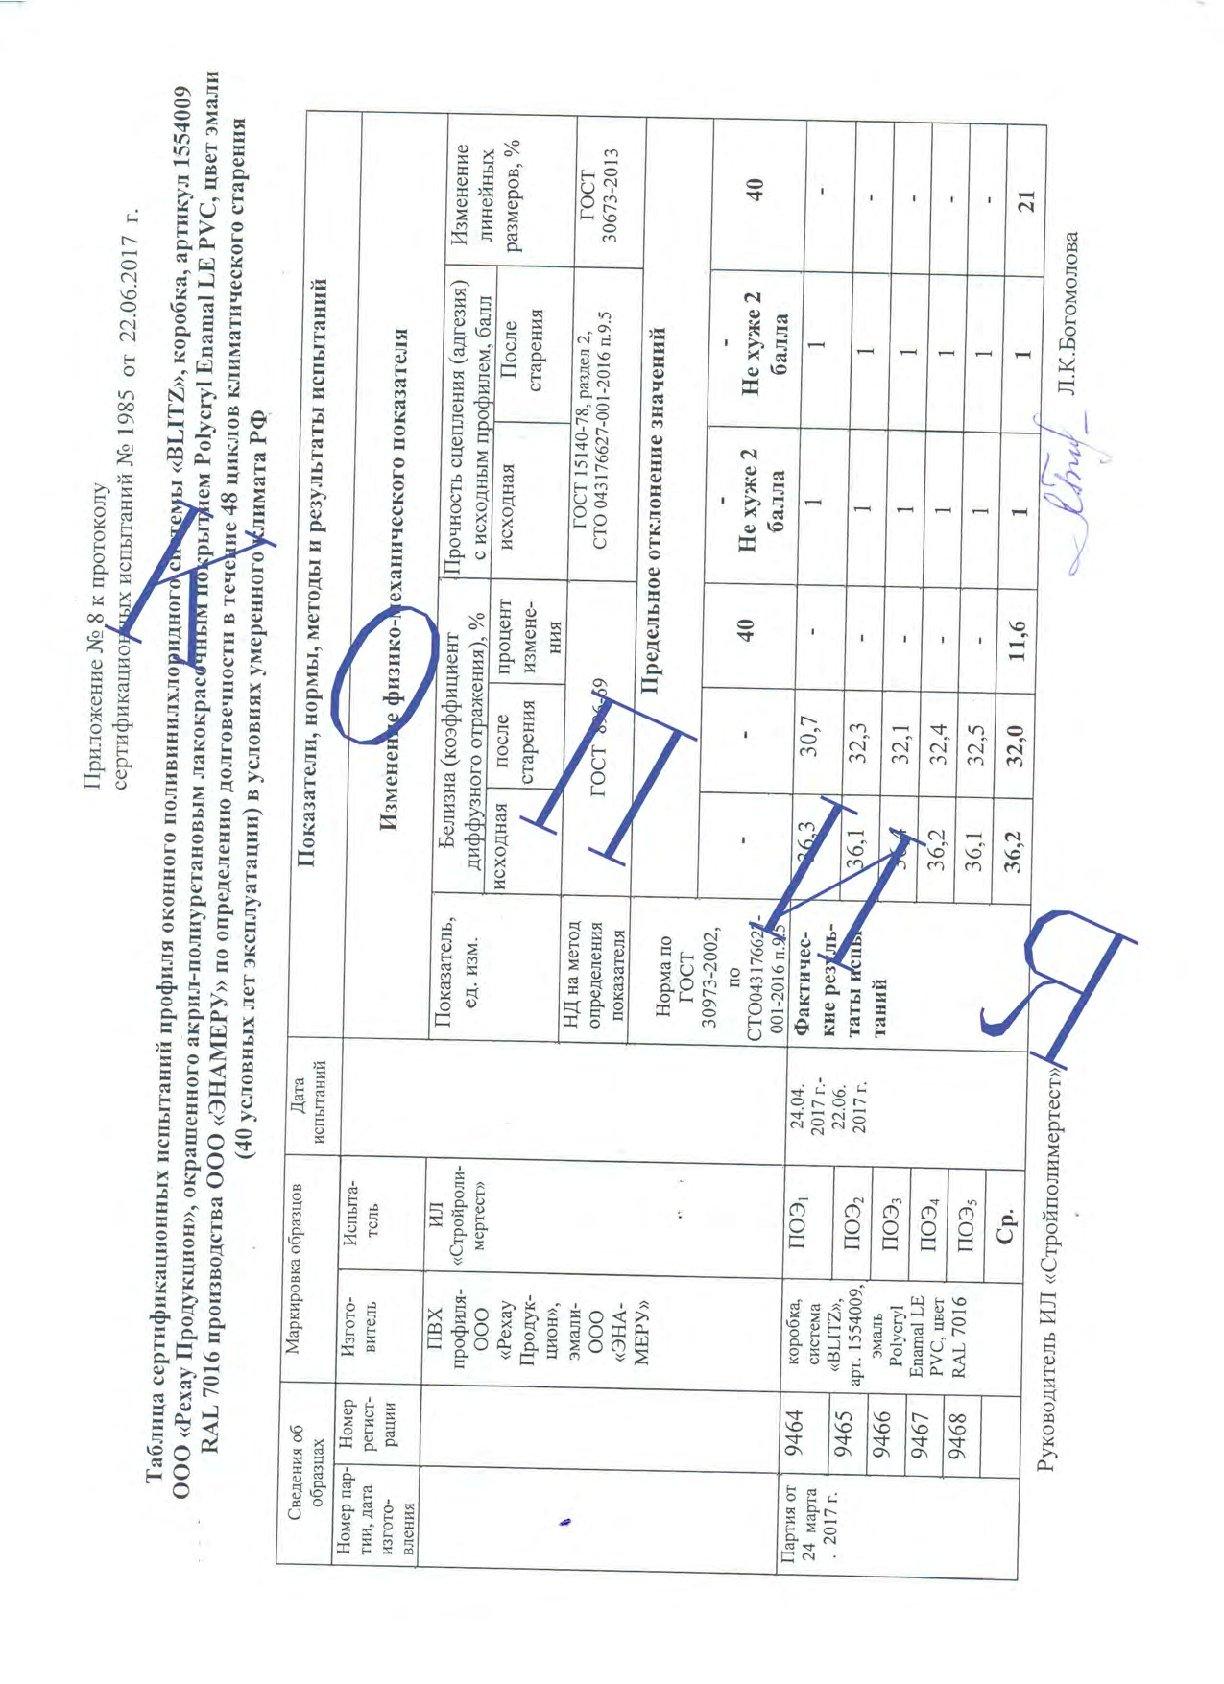 enameru-gost-30973-rehau-copy-012